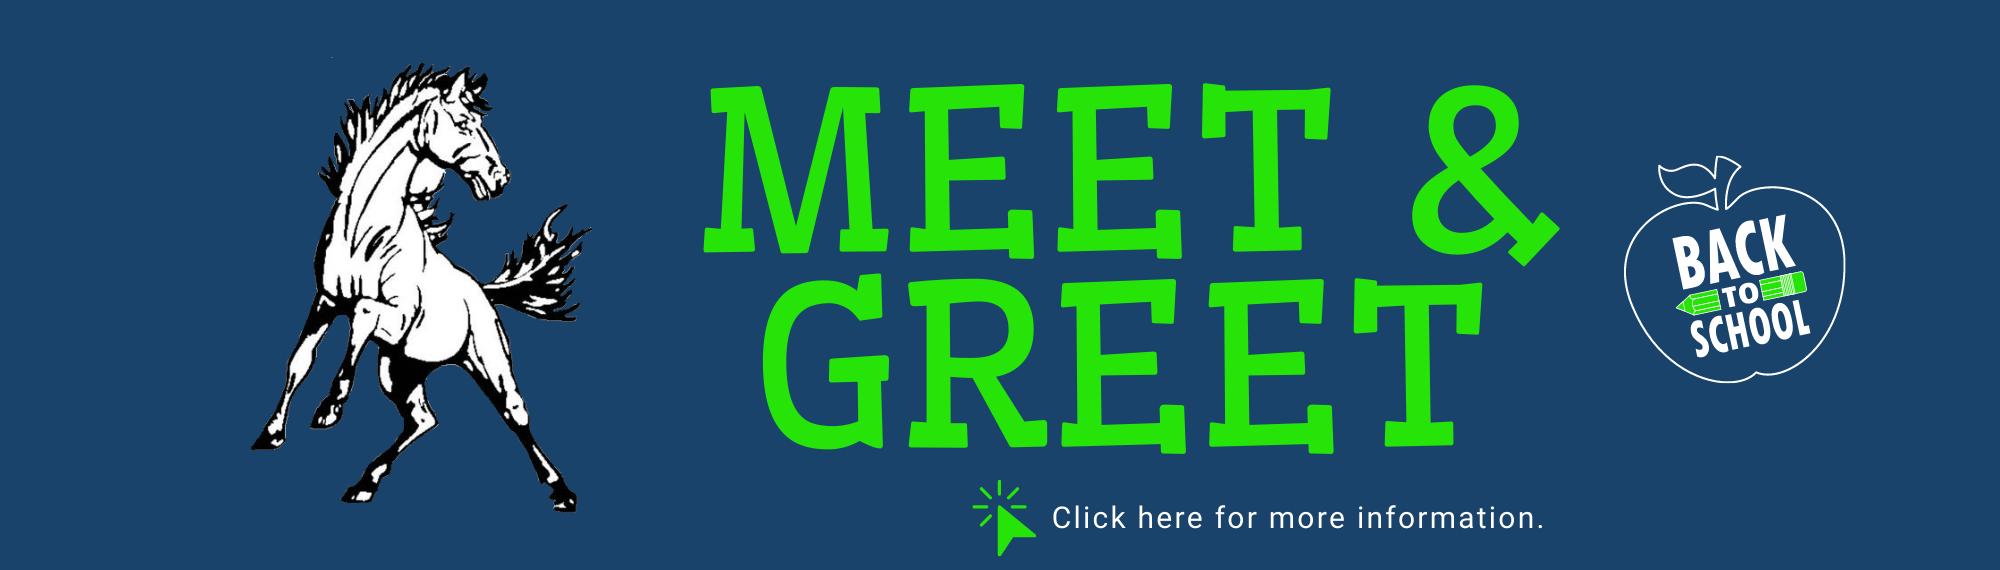 Meet & Greet 2021-2022